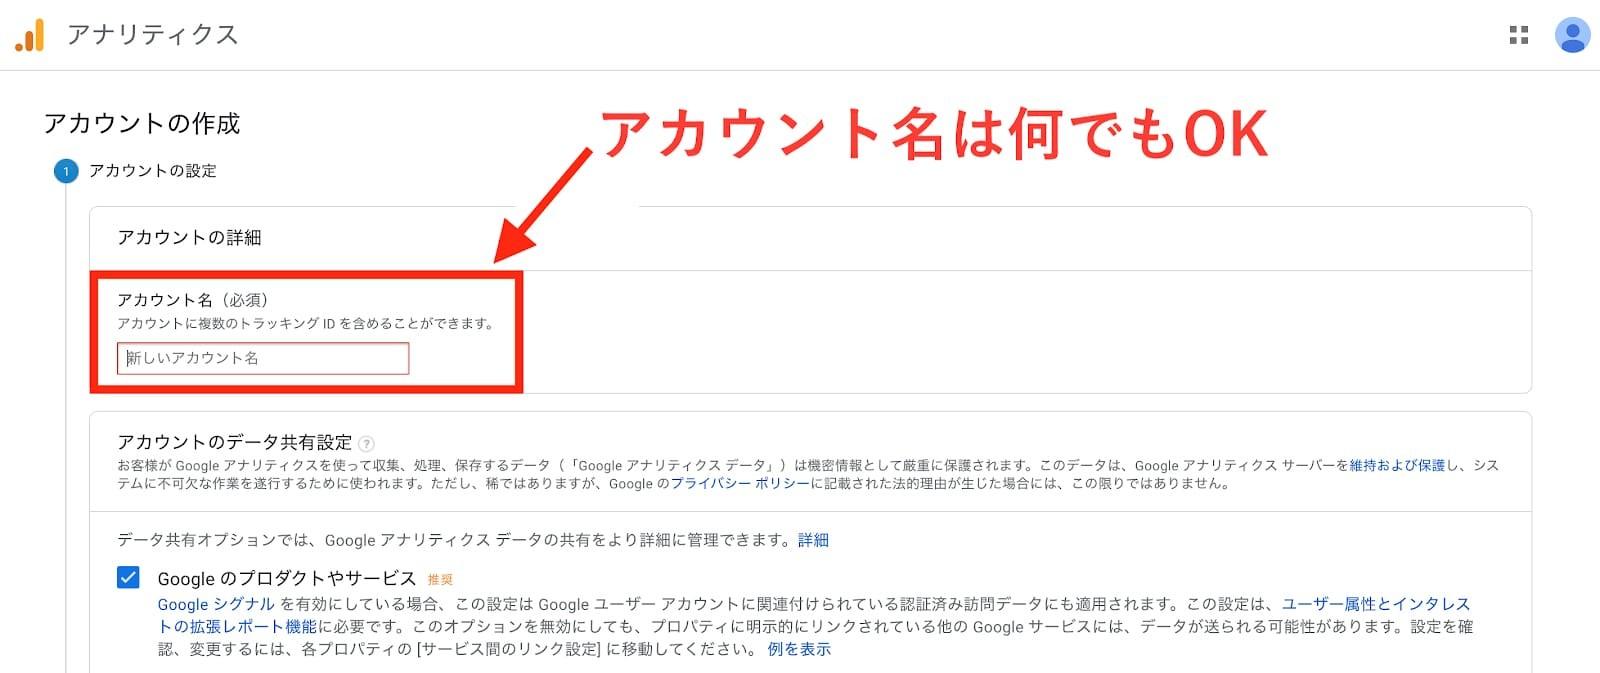 Googleアナリティクスの登録_1